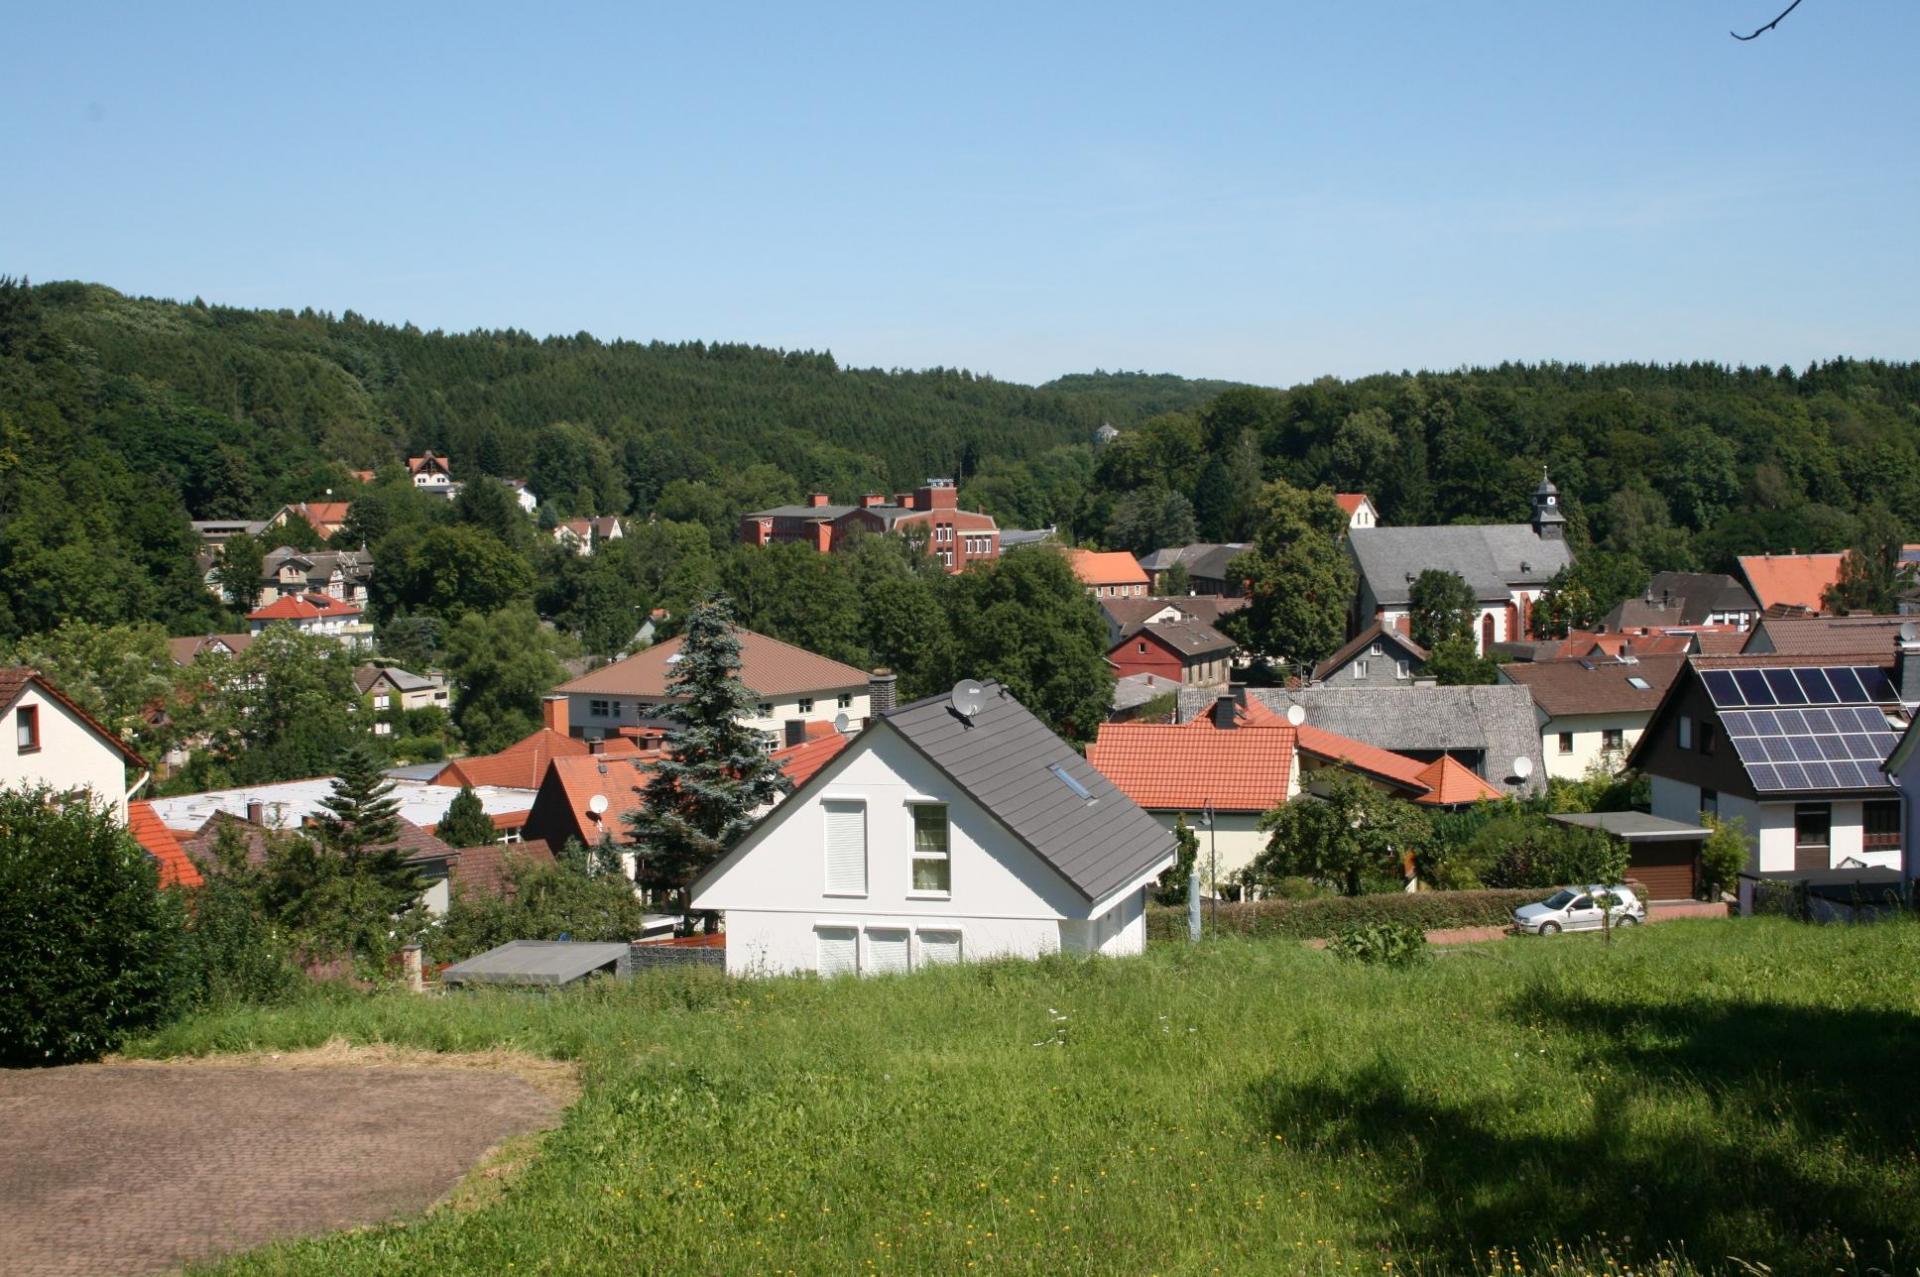 Ortsteil Hirzenhain